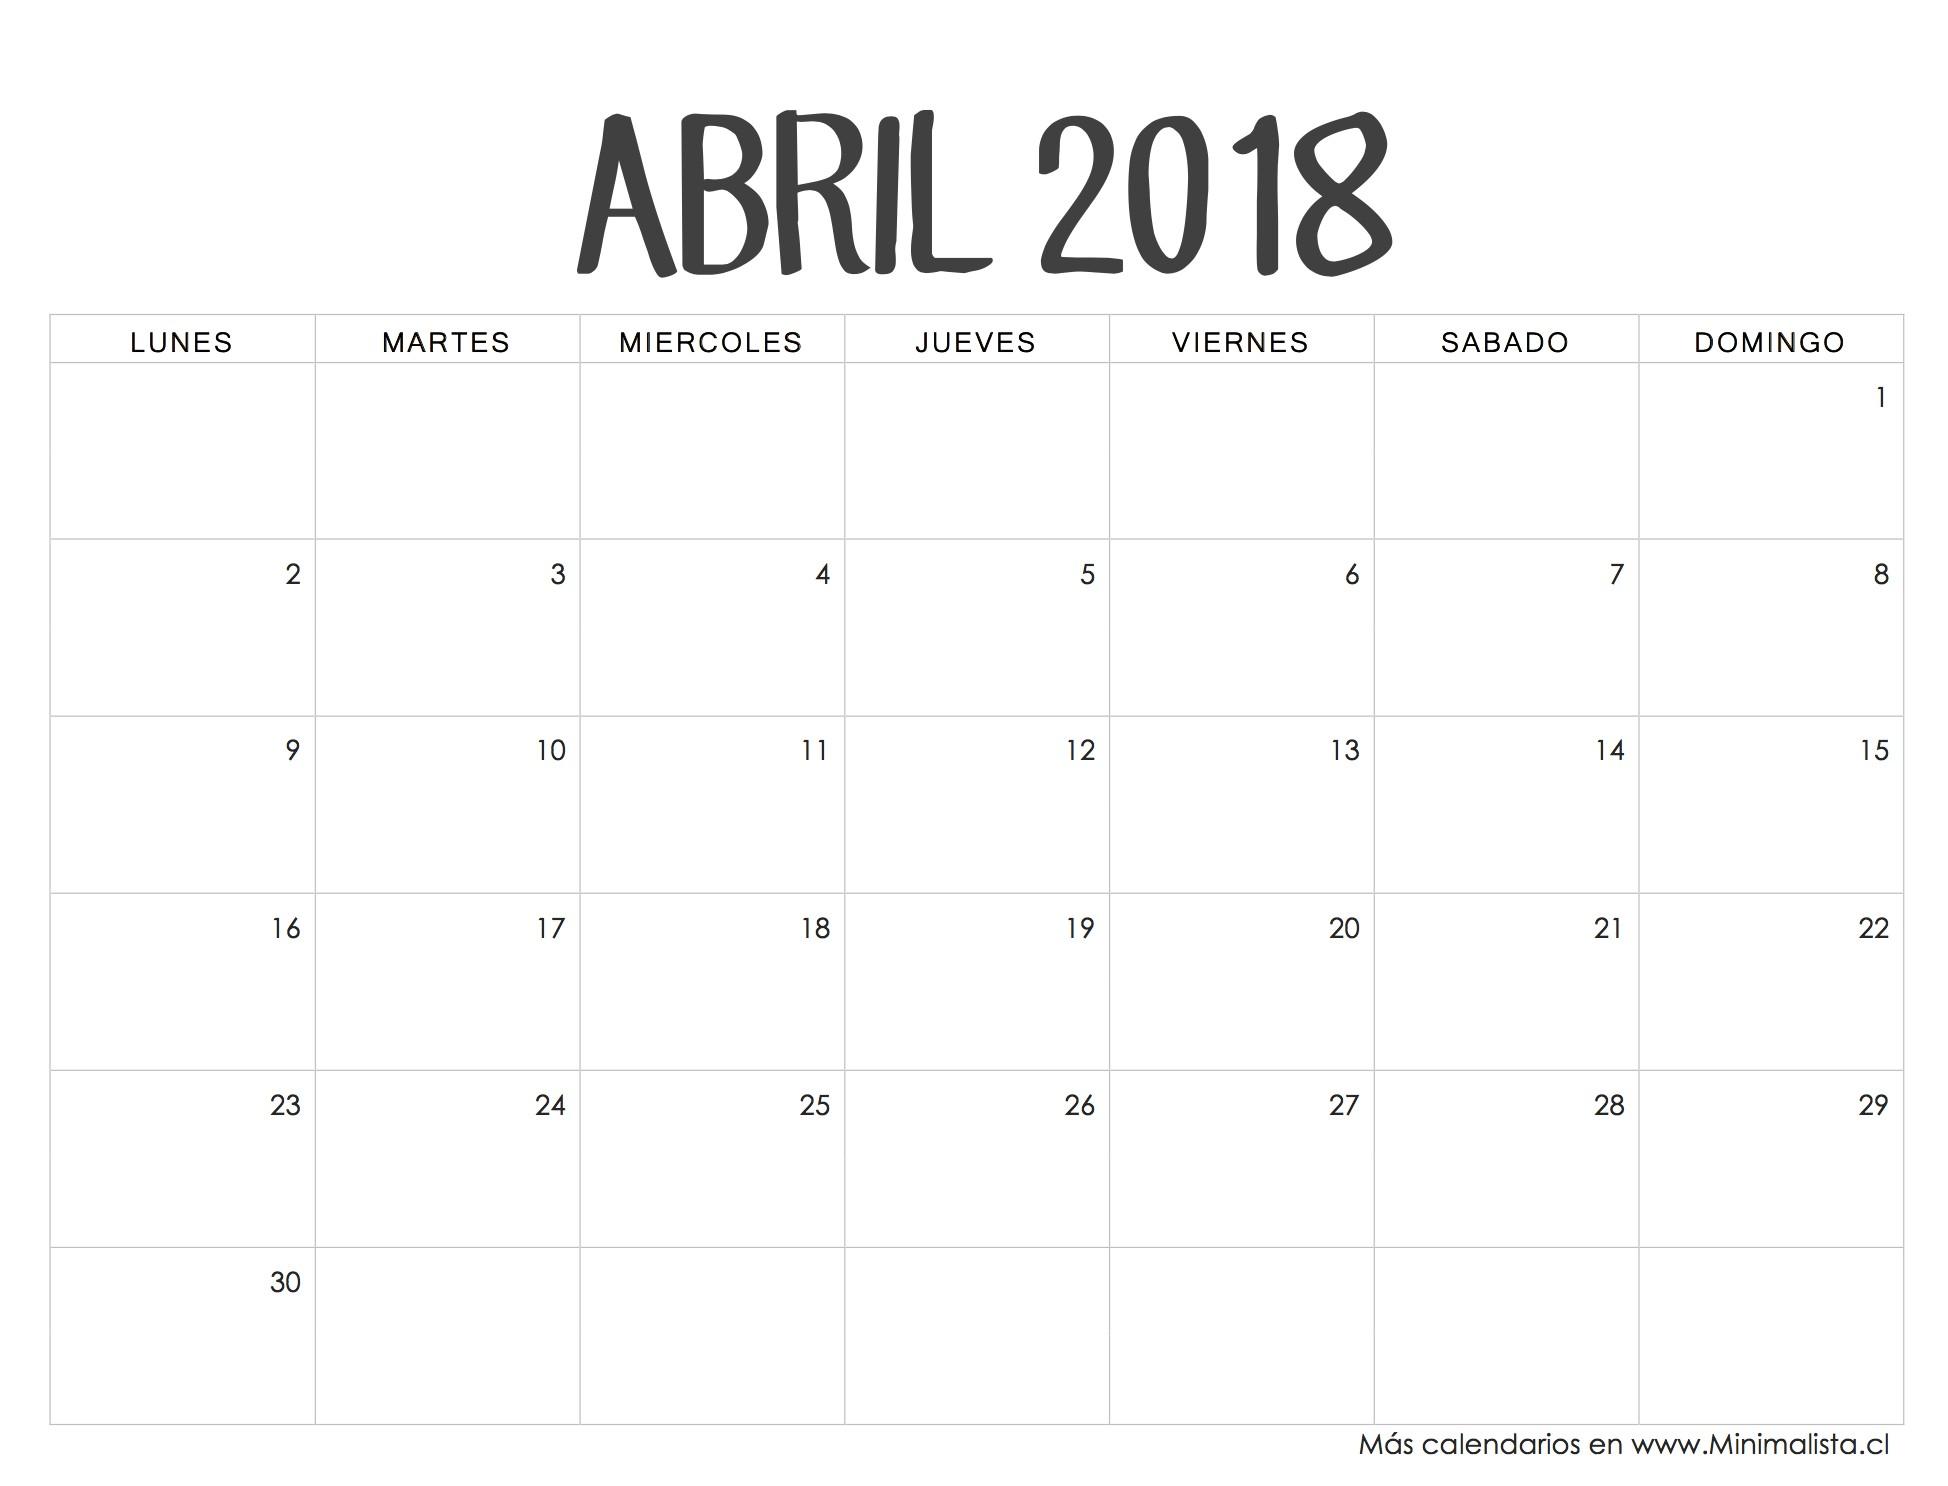 Calendario Mes Dezembro 2017 Para Imprimir Actual Calendario Abril 2018 Escolares Of Calendario Mes Dezembro 2017 Para Imprimir Recientes Agenda Para Imprimir